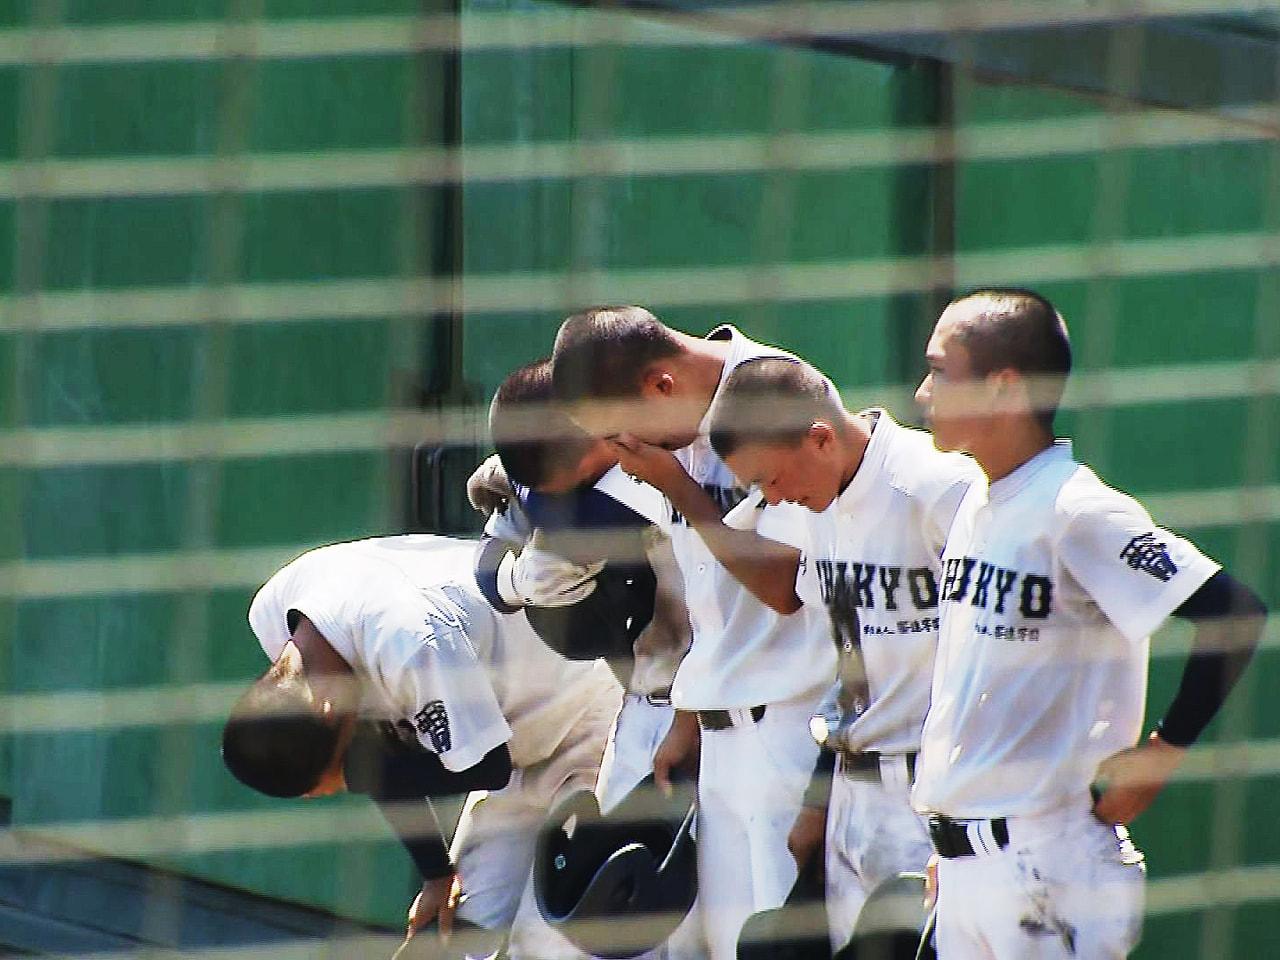 全国高校軟式野球選手権大会は30日決勝が行われ、大会史上初の4連覇がかかる岐阜の...